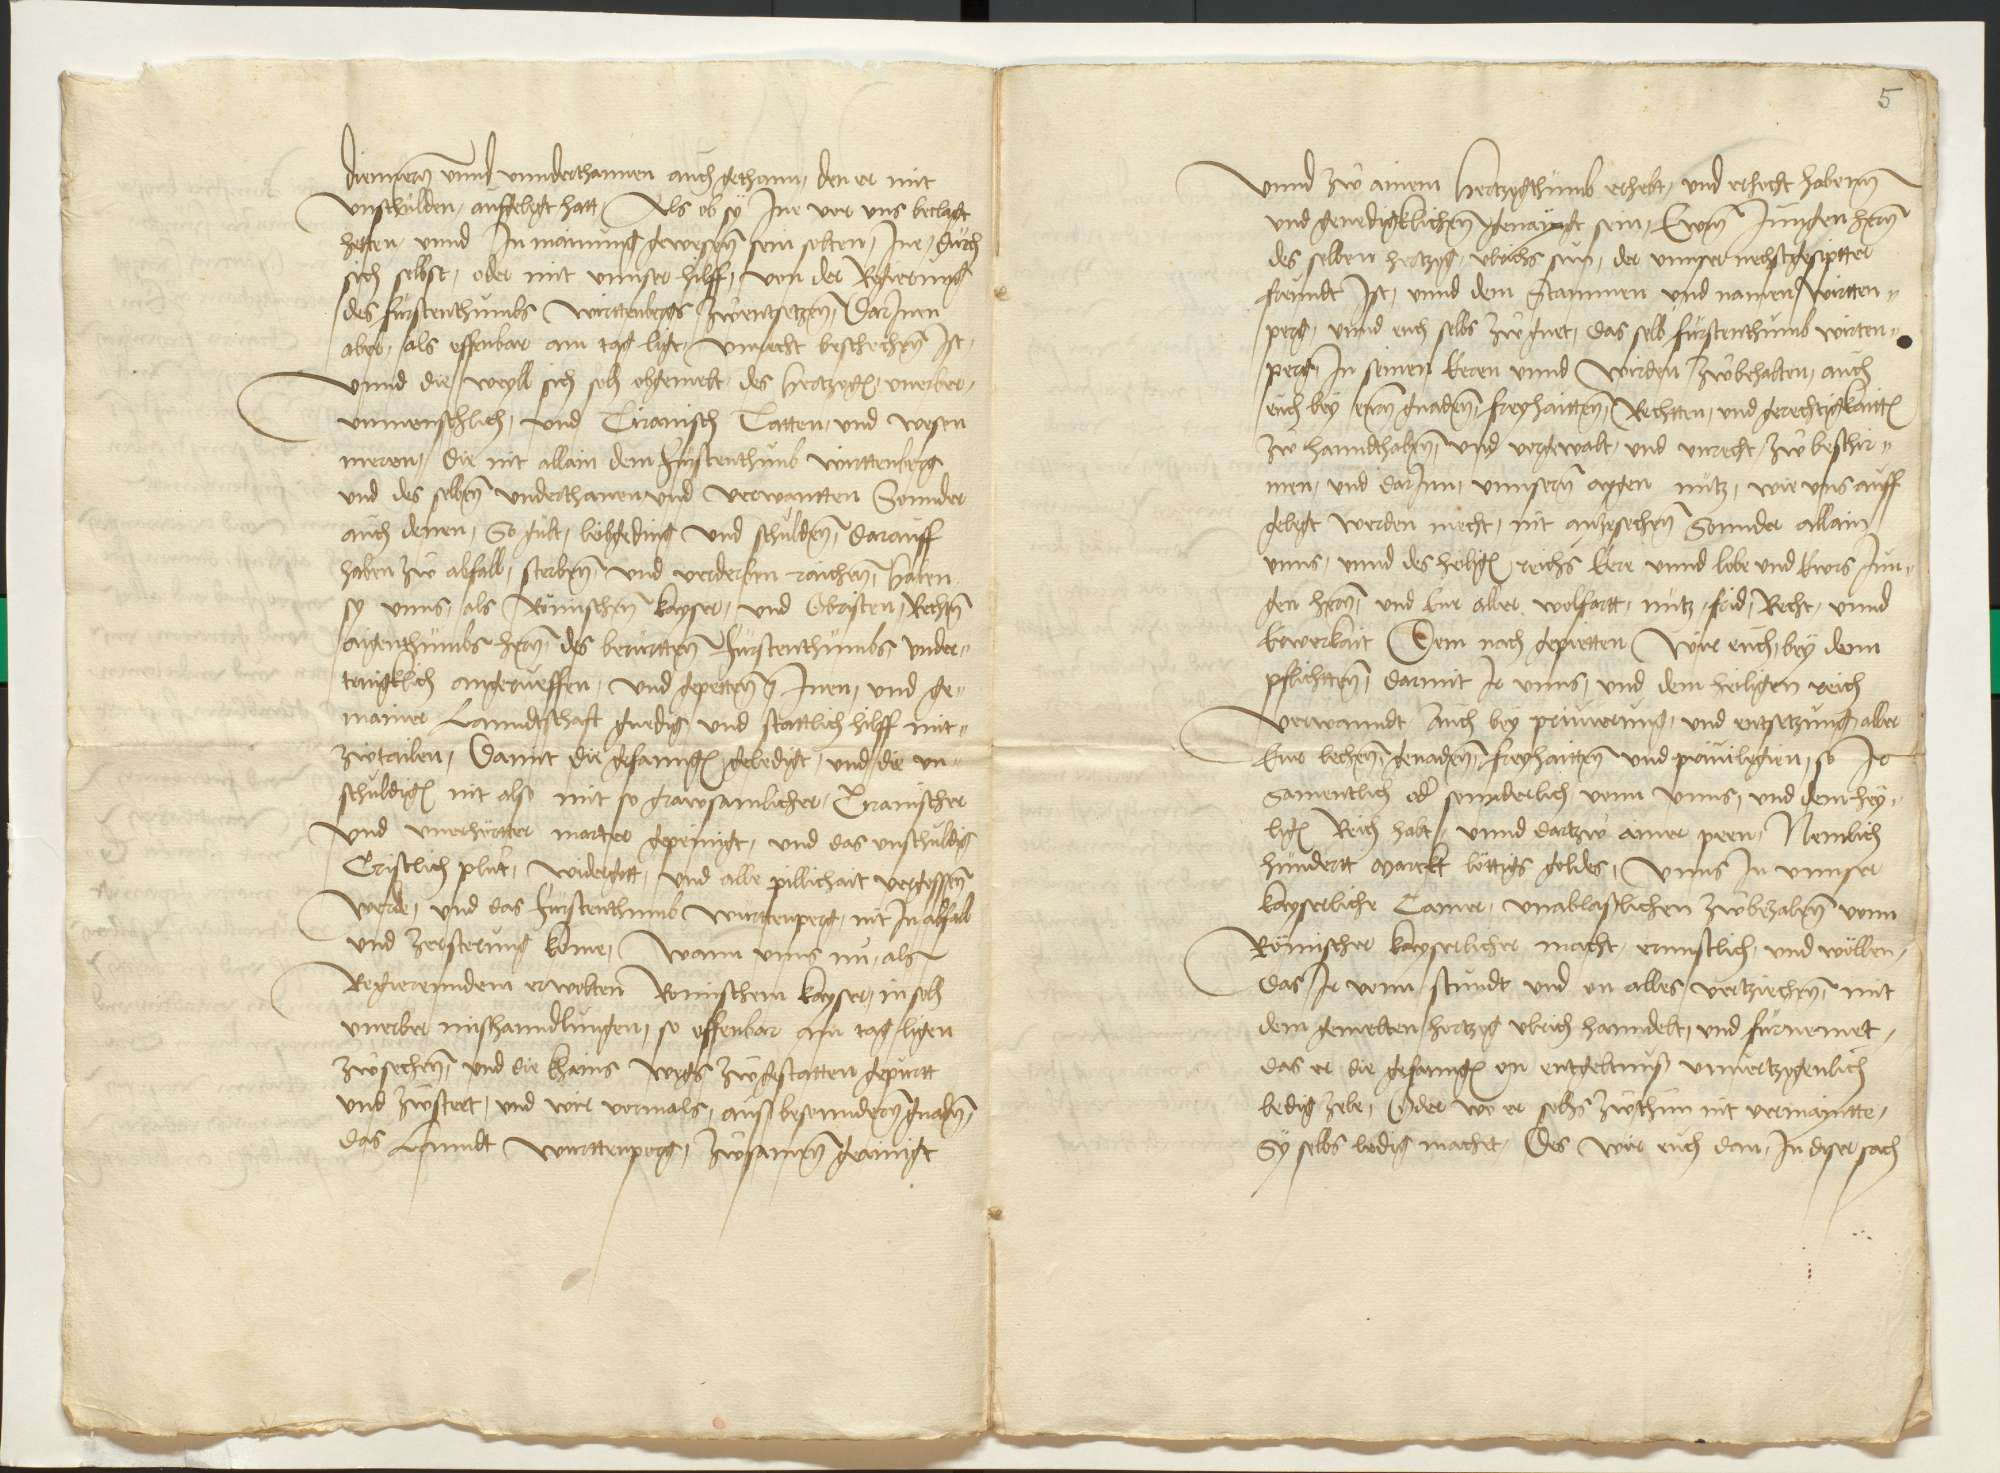 Übertretung des Augsburger Vergleichs und erneute Reichsacht, Auseinandersetzungen mit den Herzögen von Bayern, Übergabe des Schlosses Tübingen, Bild 3